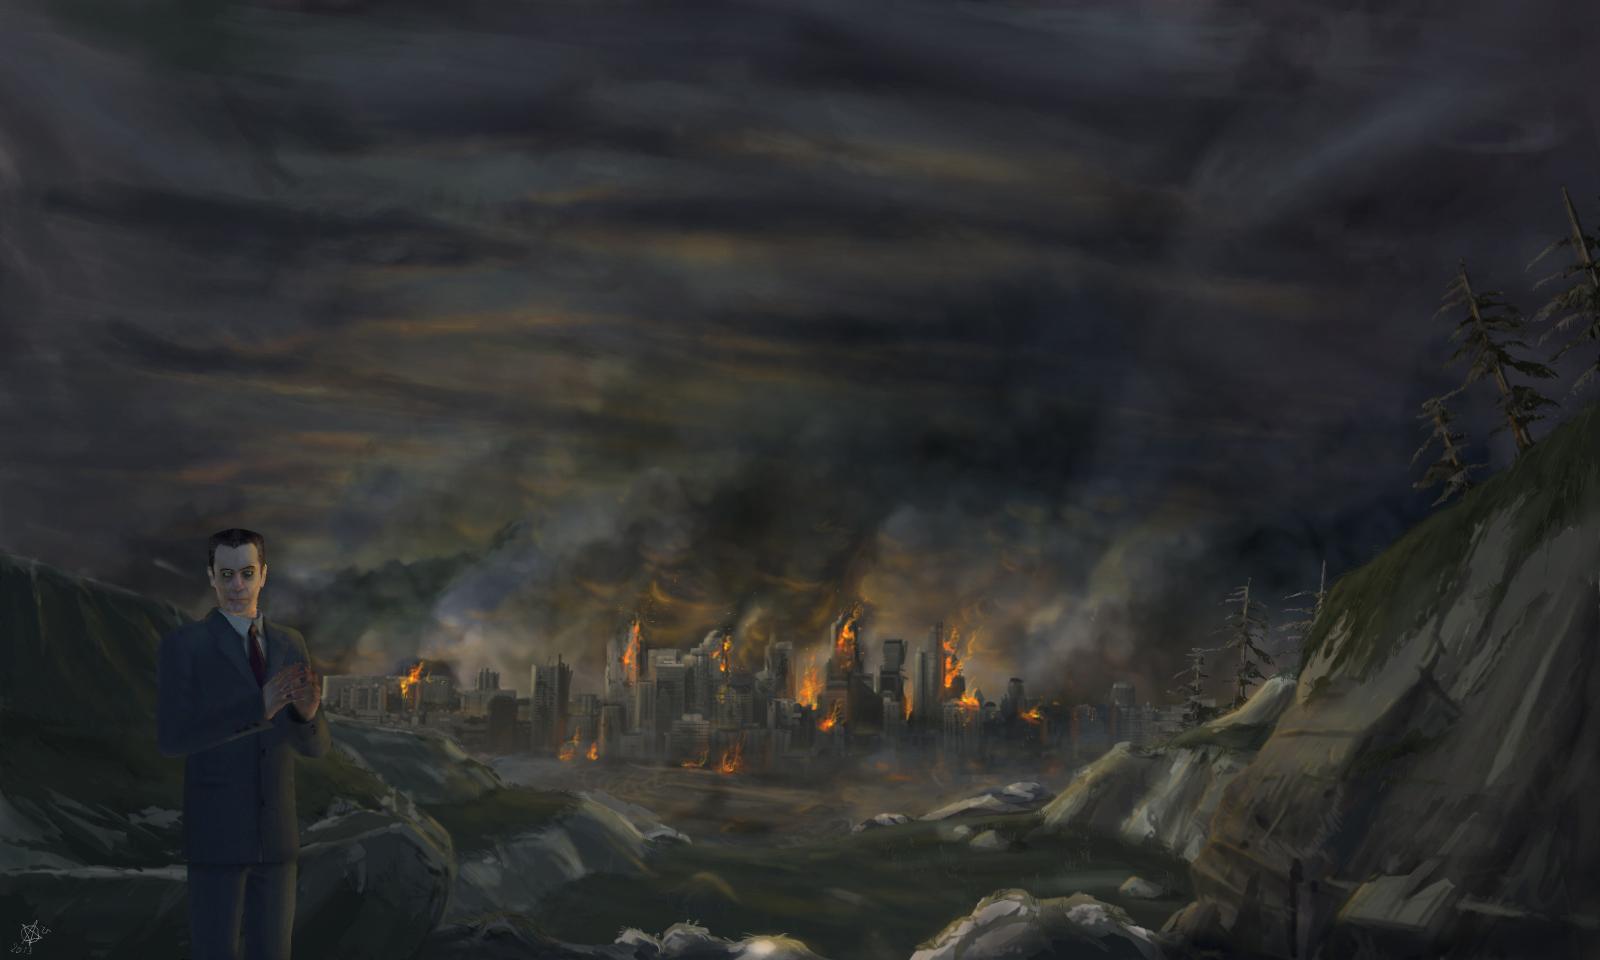 Джи-мэн - Half-Life 2 Арт, Персонаж